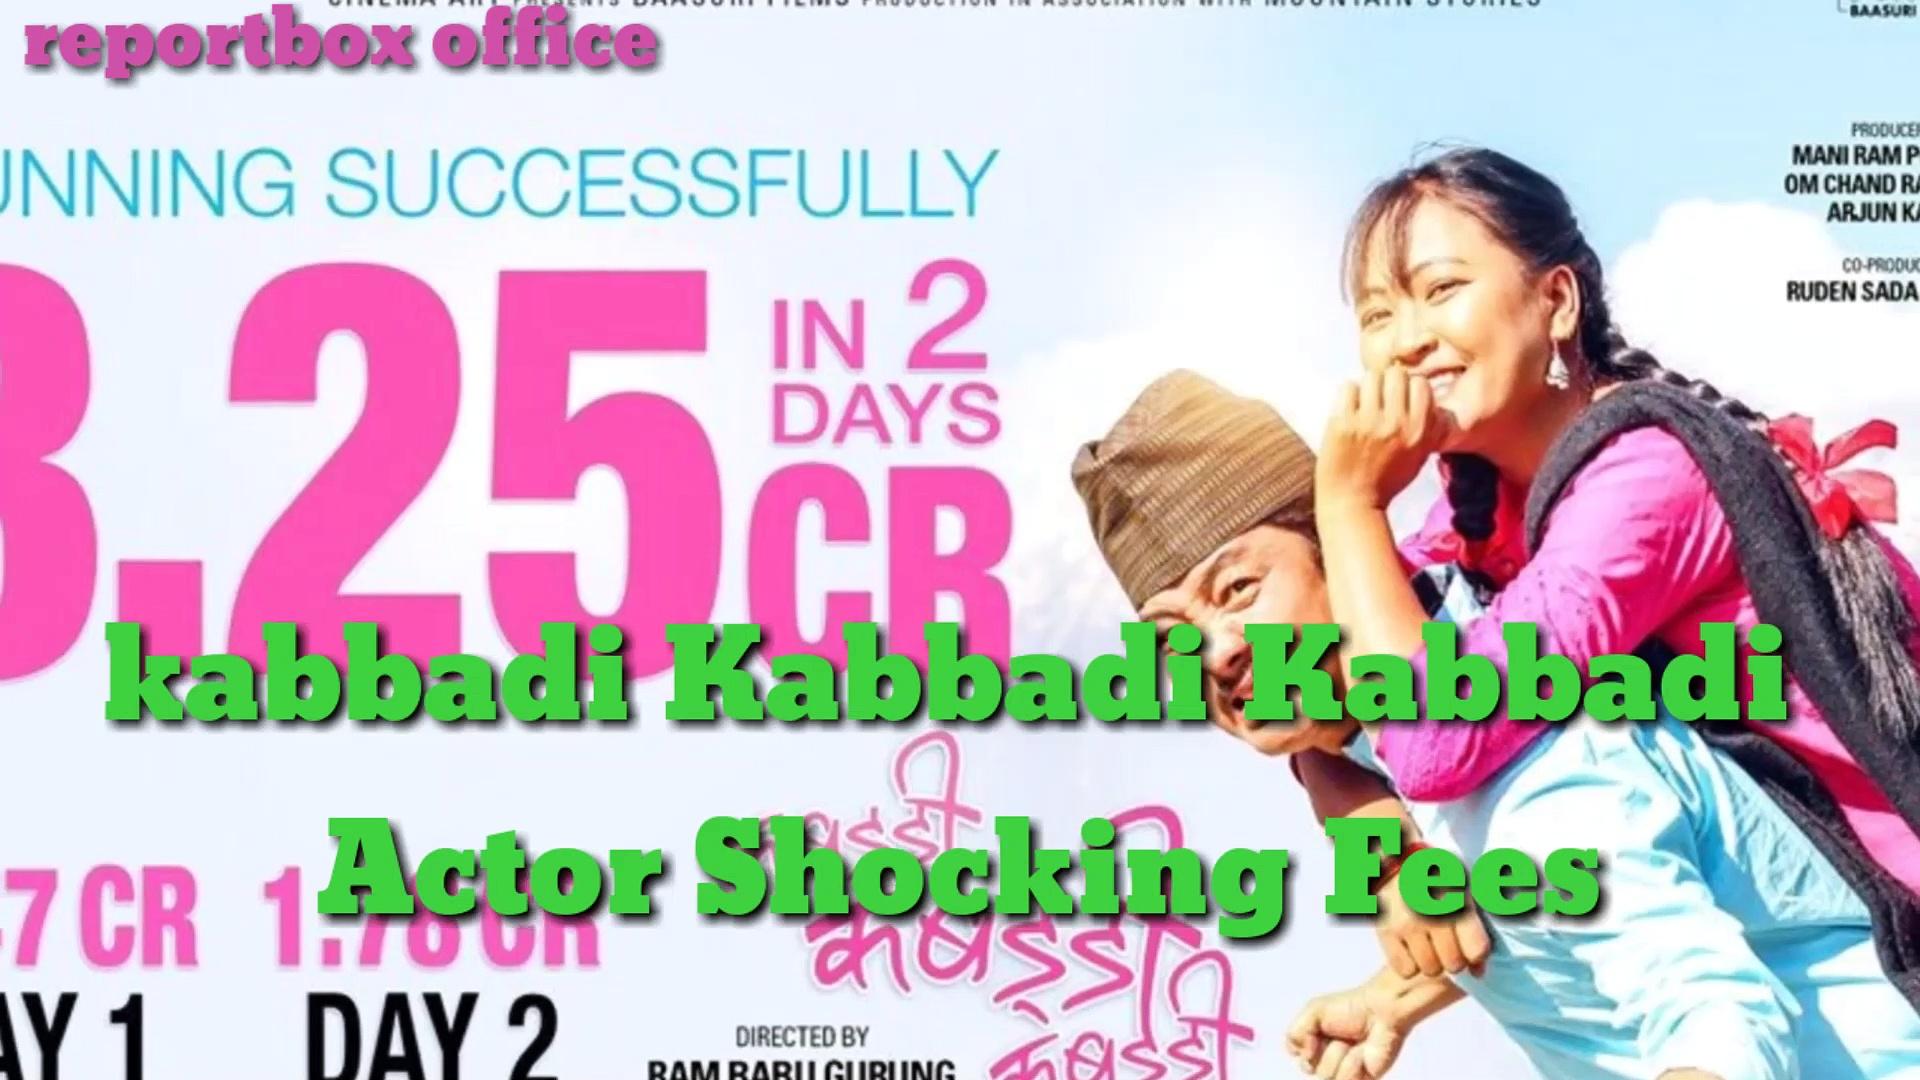 Kabbadi Kabbadi Kabbadi 2019 | Shocking Fees  of Actors | dayahang Kabbadi Kabbadi Kabbadi 2019 | Shocking Fees  of Actors | dayahang rai ,wilsonbikram rai, karma ,wilsonbikram rai, karma